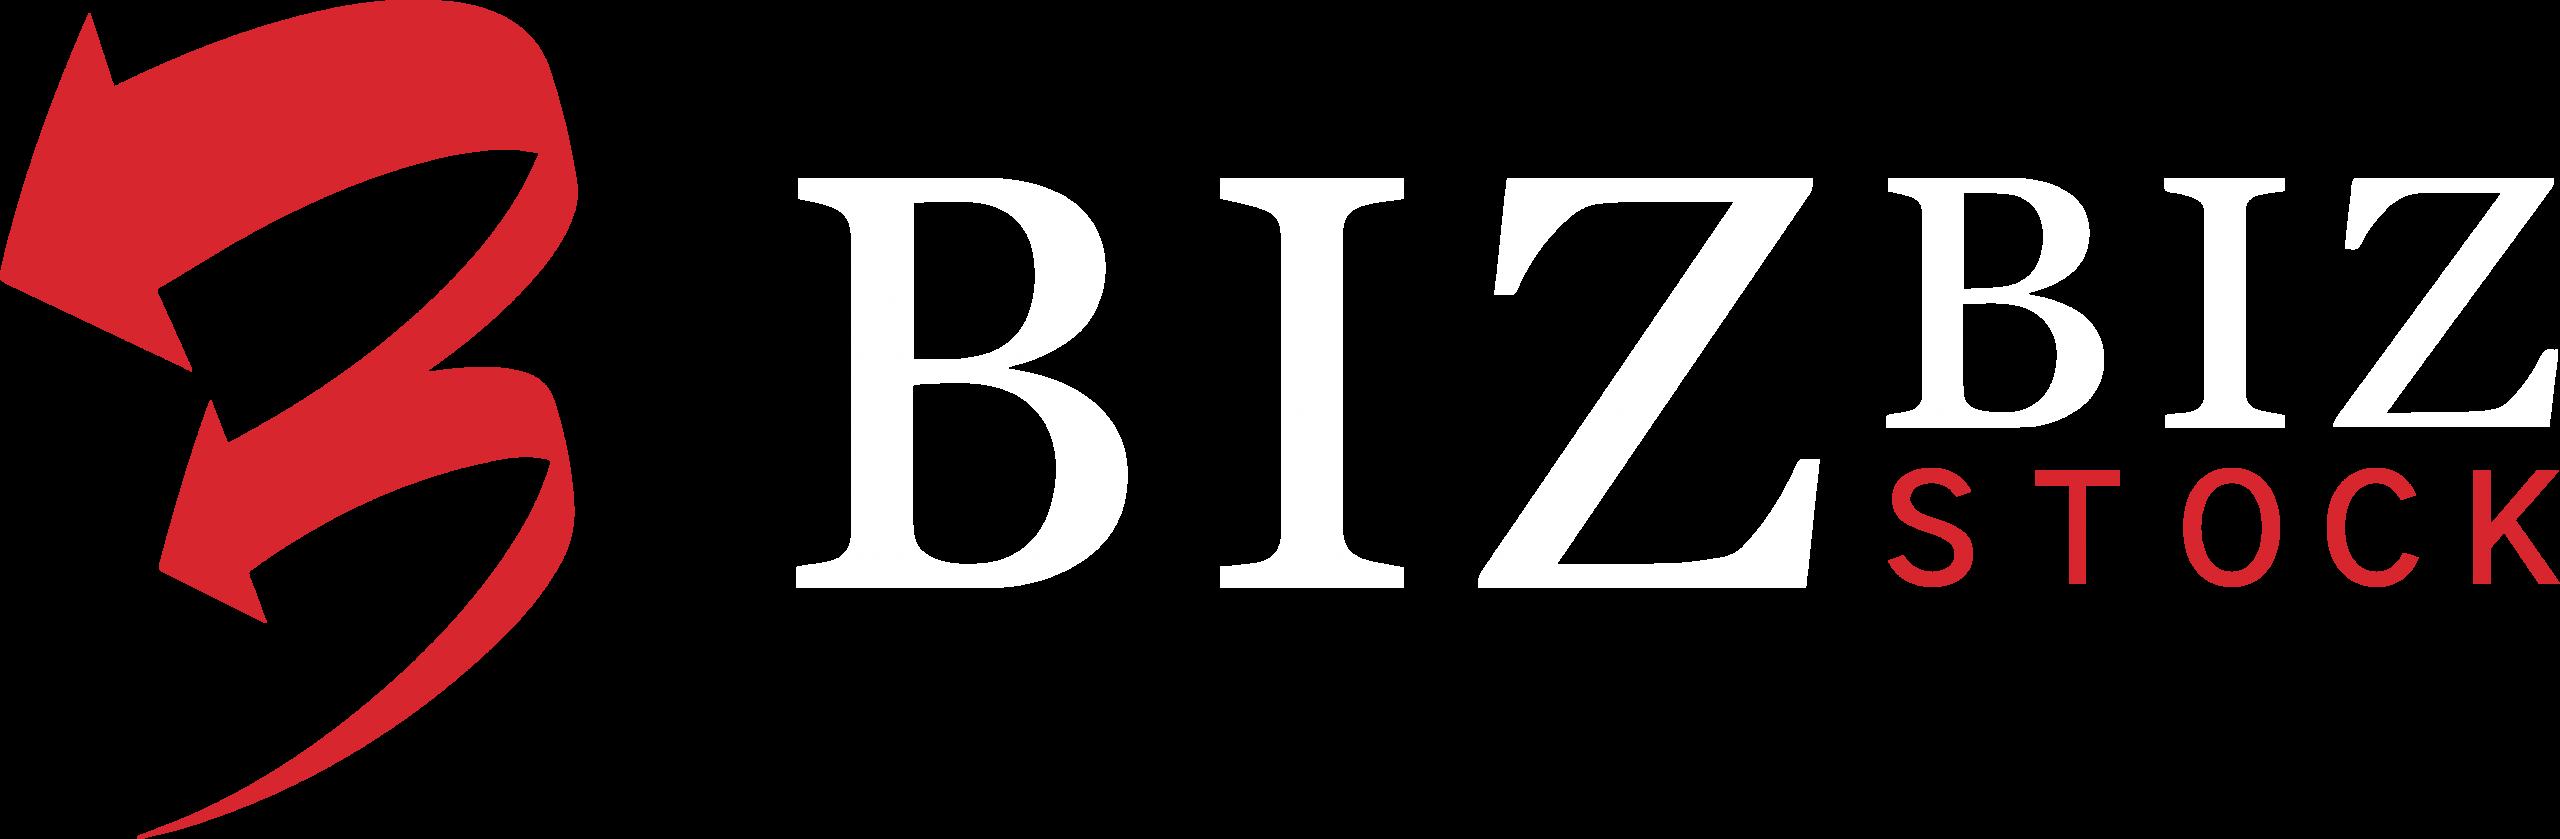 bizbiz stock logo white version